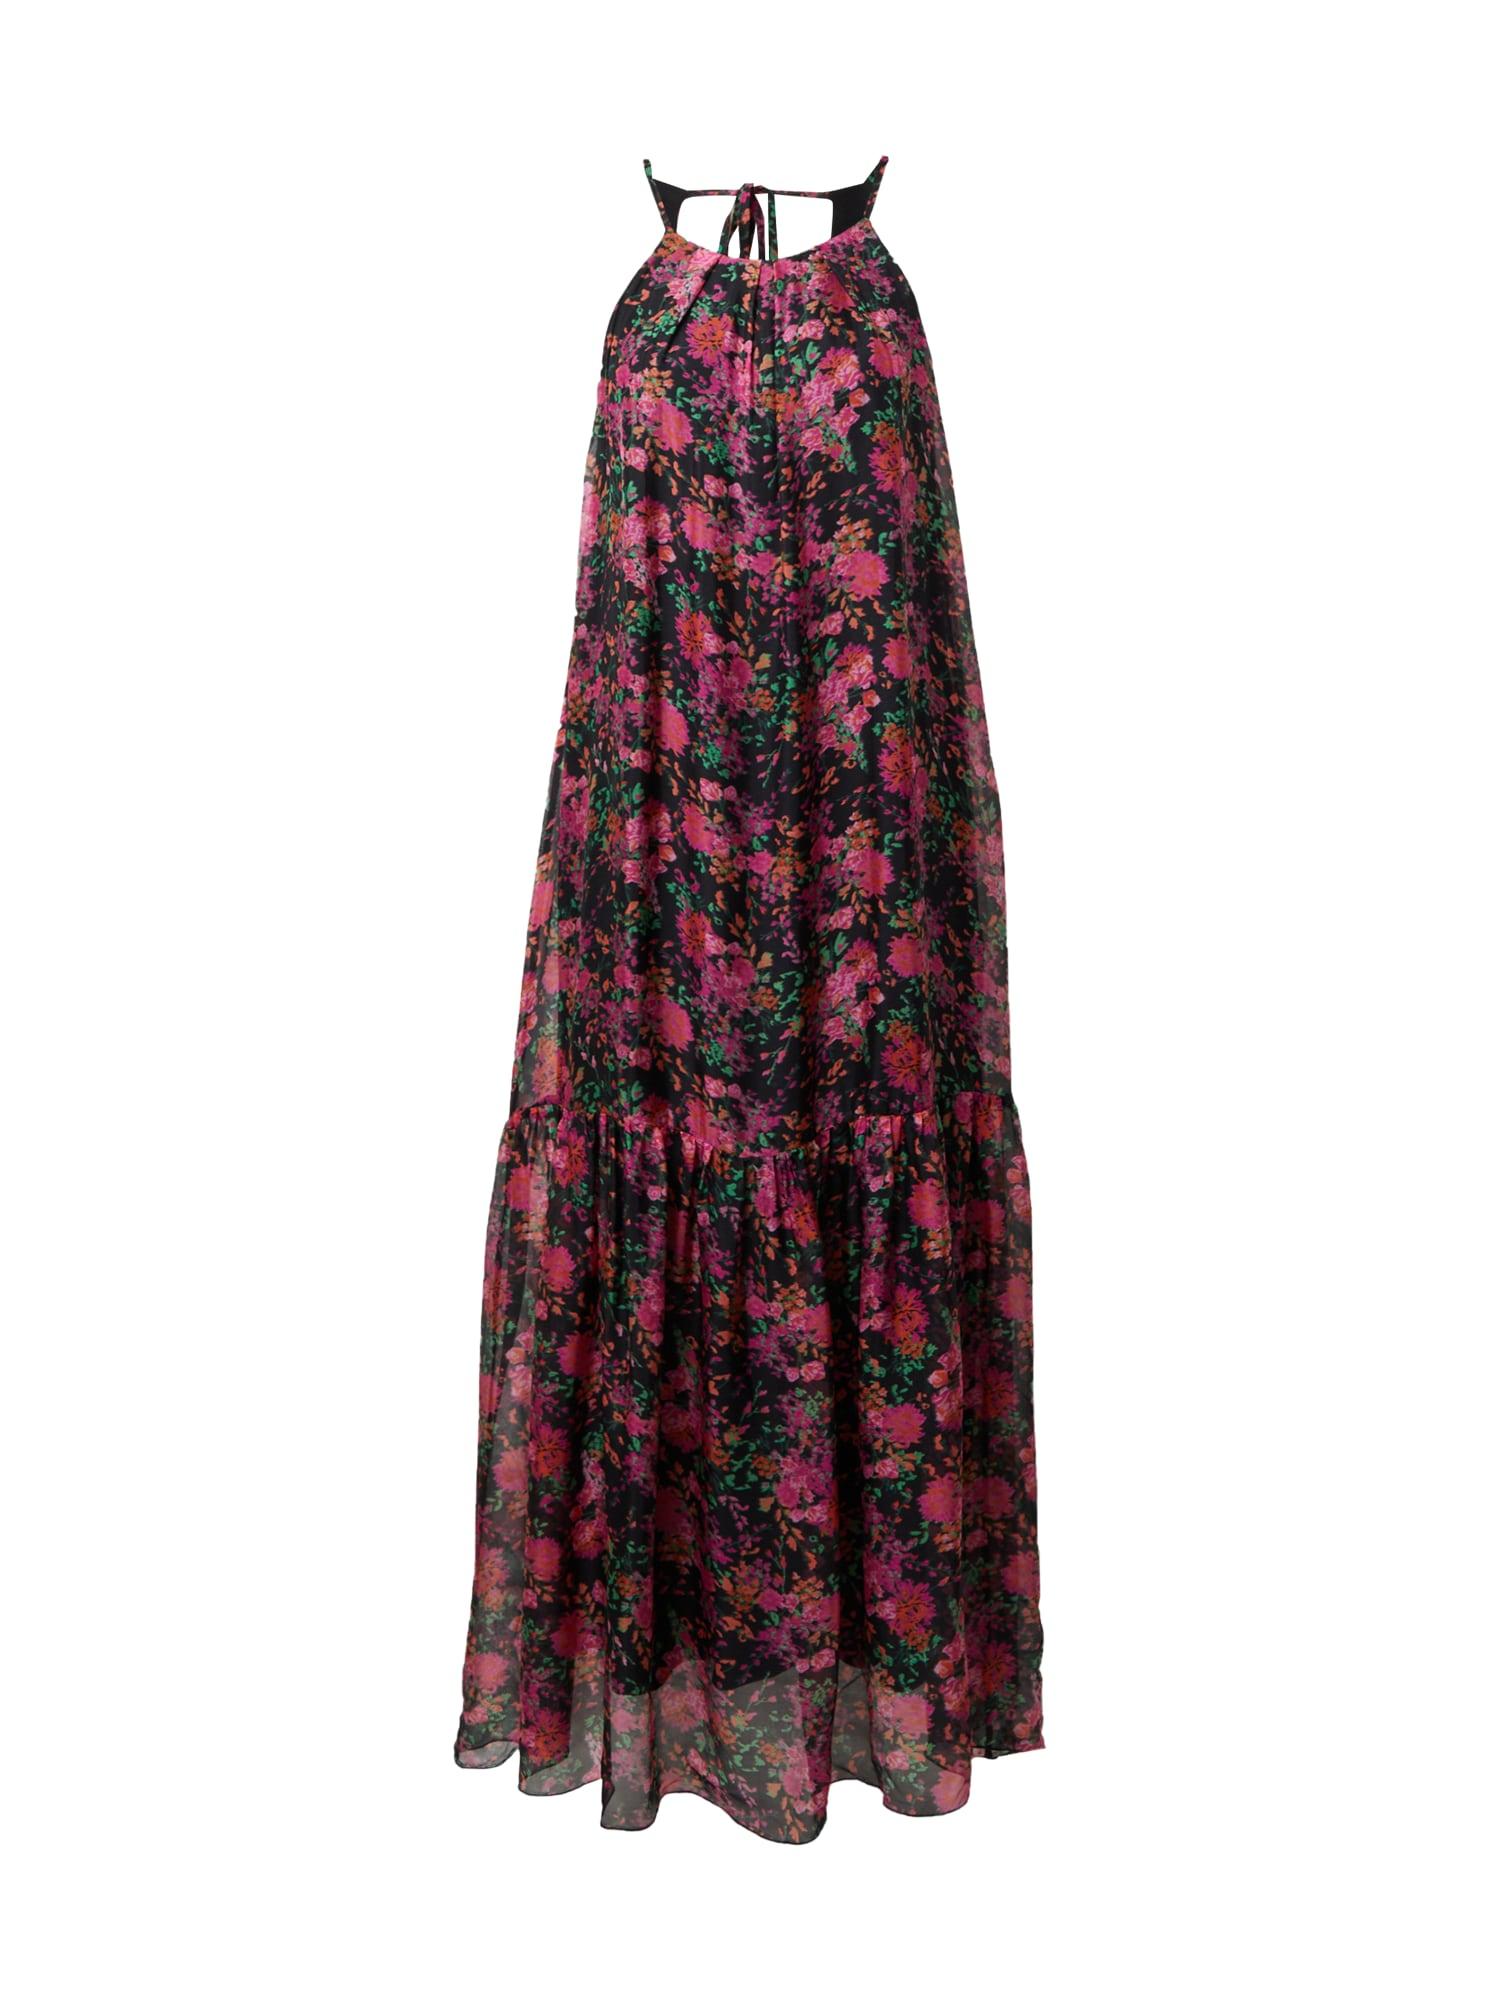 FRNCH PARIS Suknelė juoda / fuksijų spalva / tamsiai oranžinė / žalia